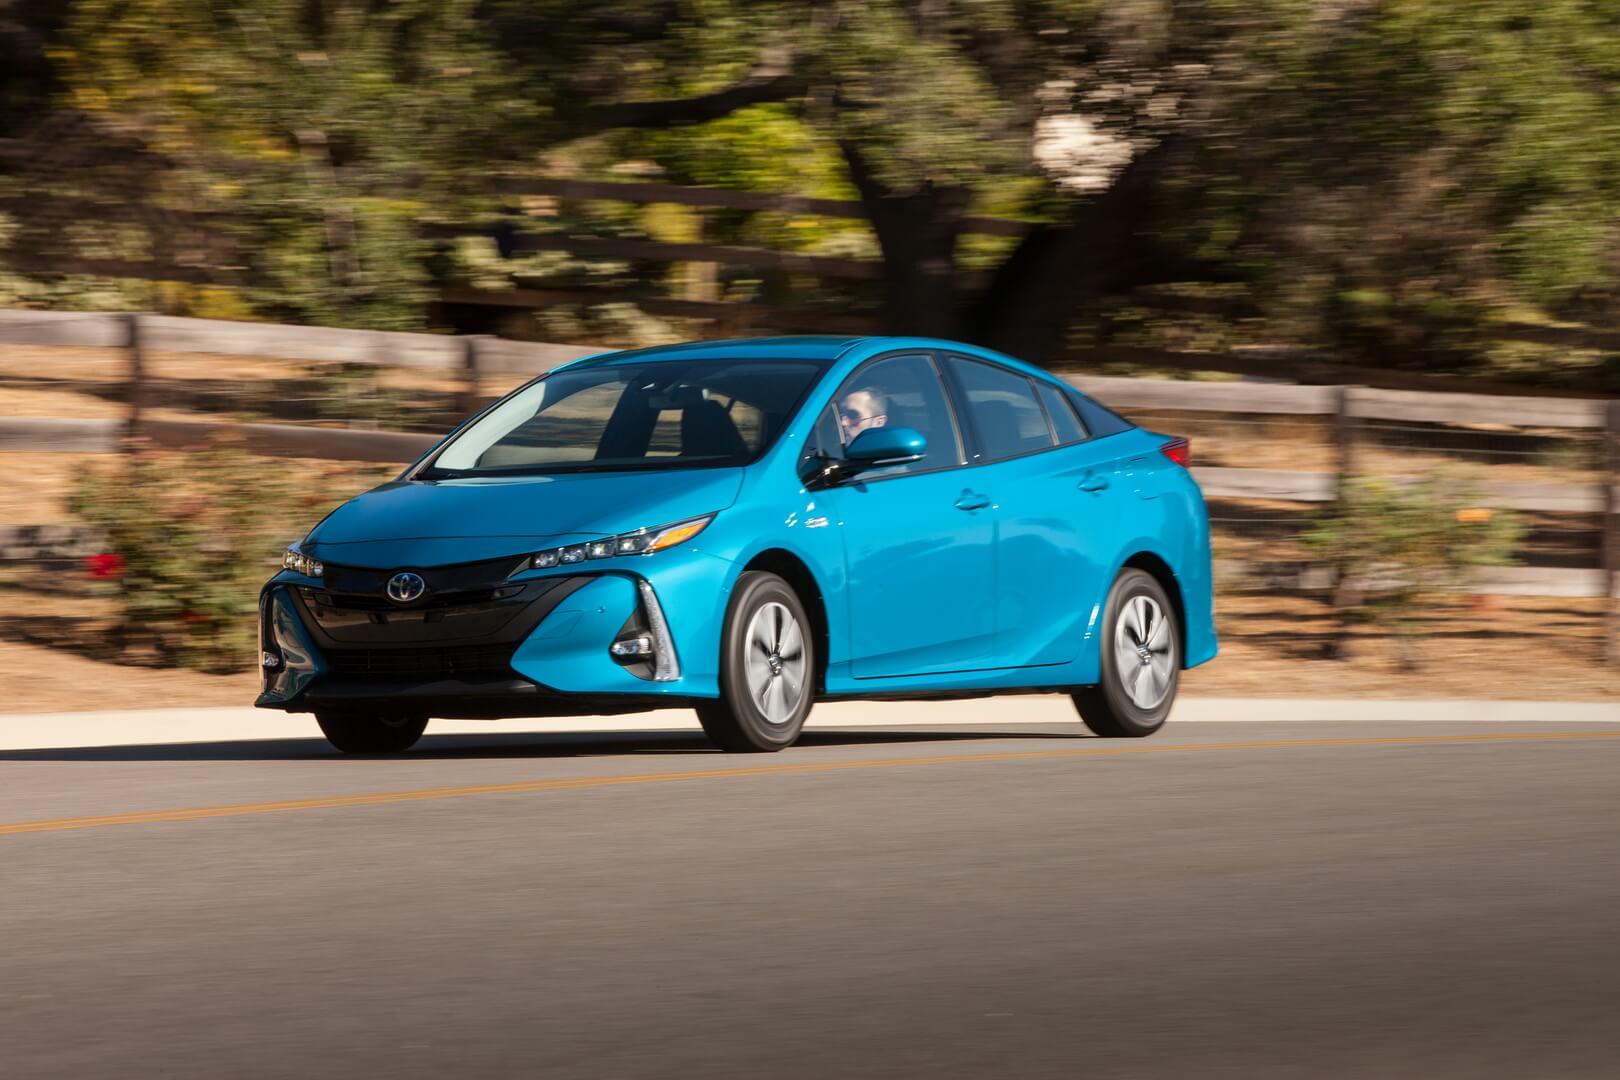 Купить новый автомобиль Тойота (Toyota) 2016-2017 в ...